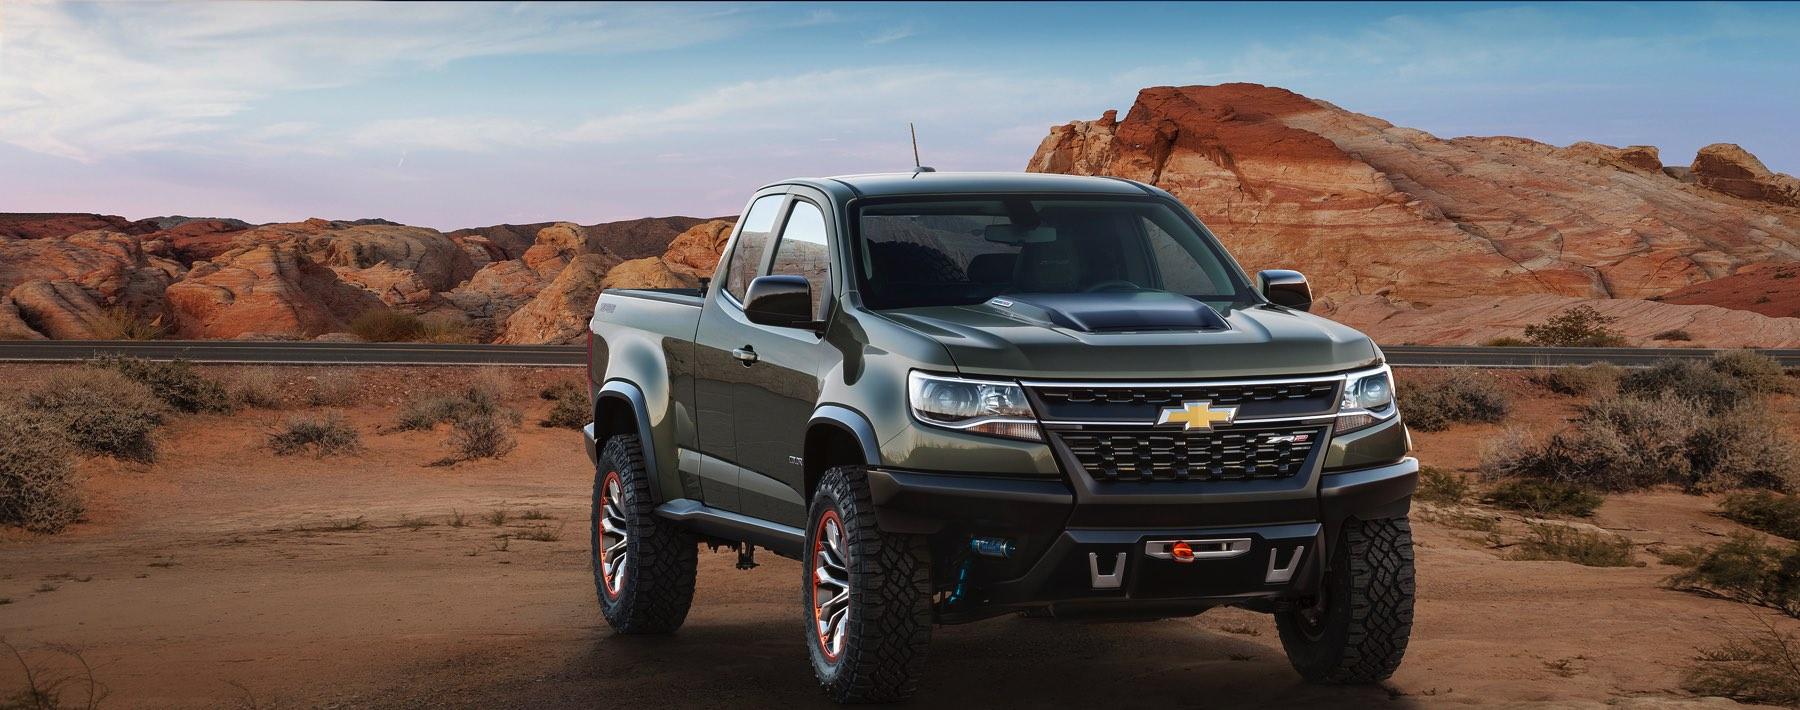 2015-Chevrolet-ColoradoZR2-Concept-142